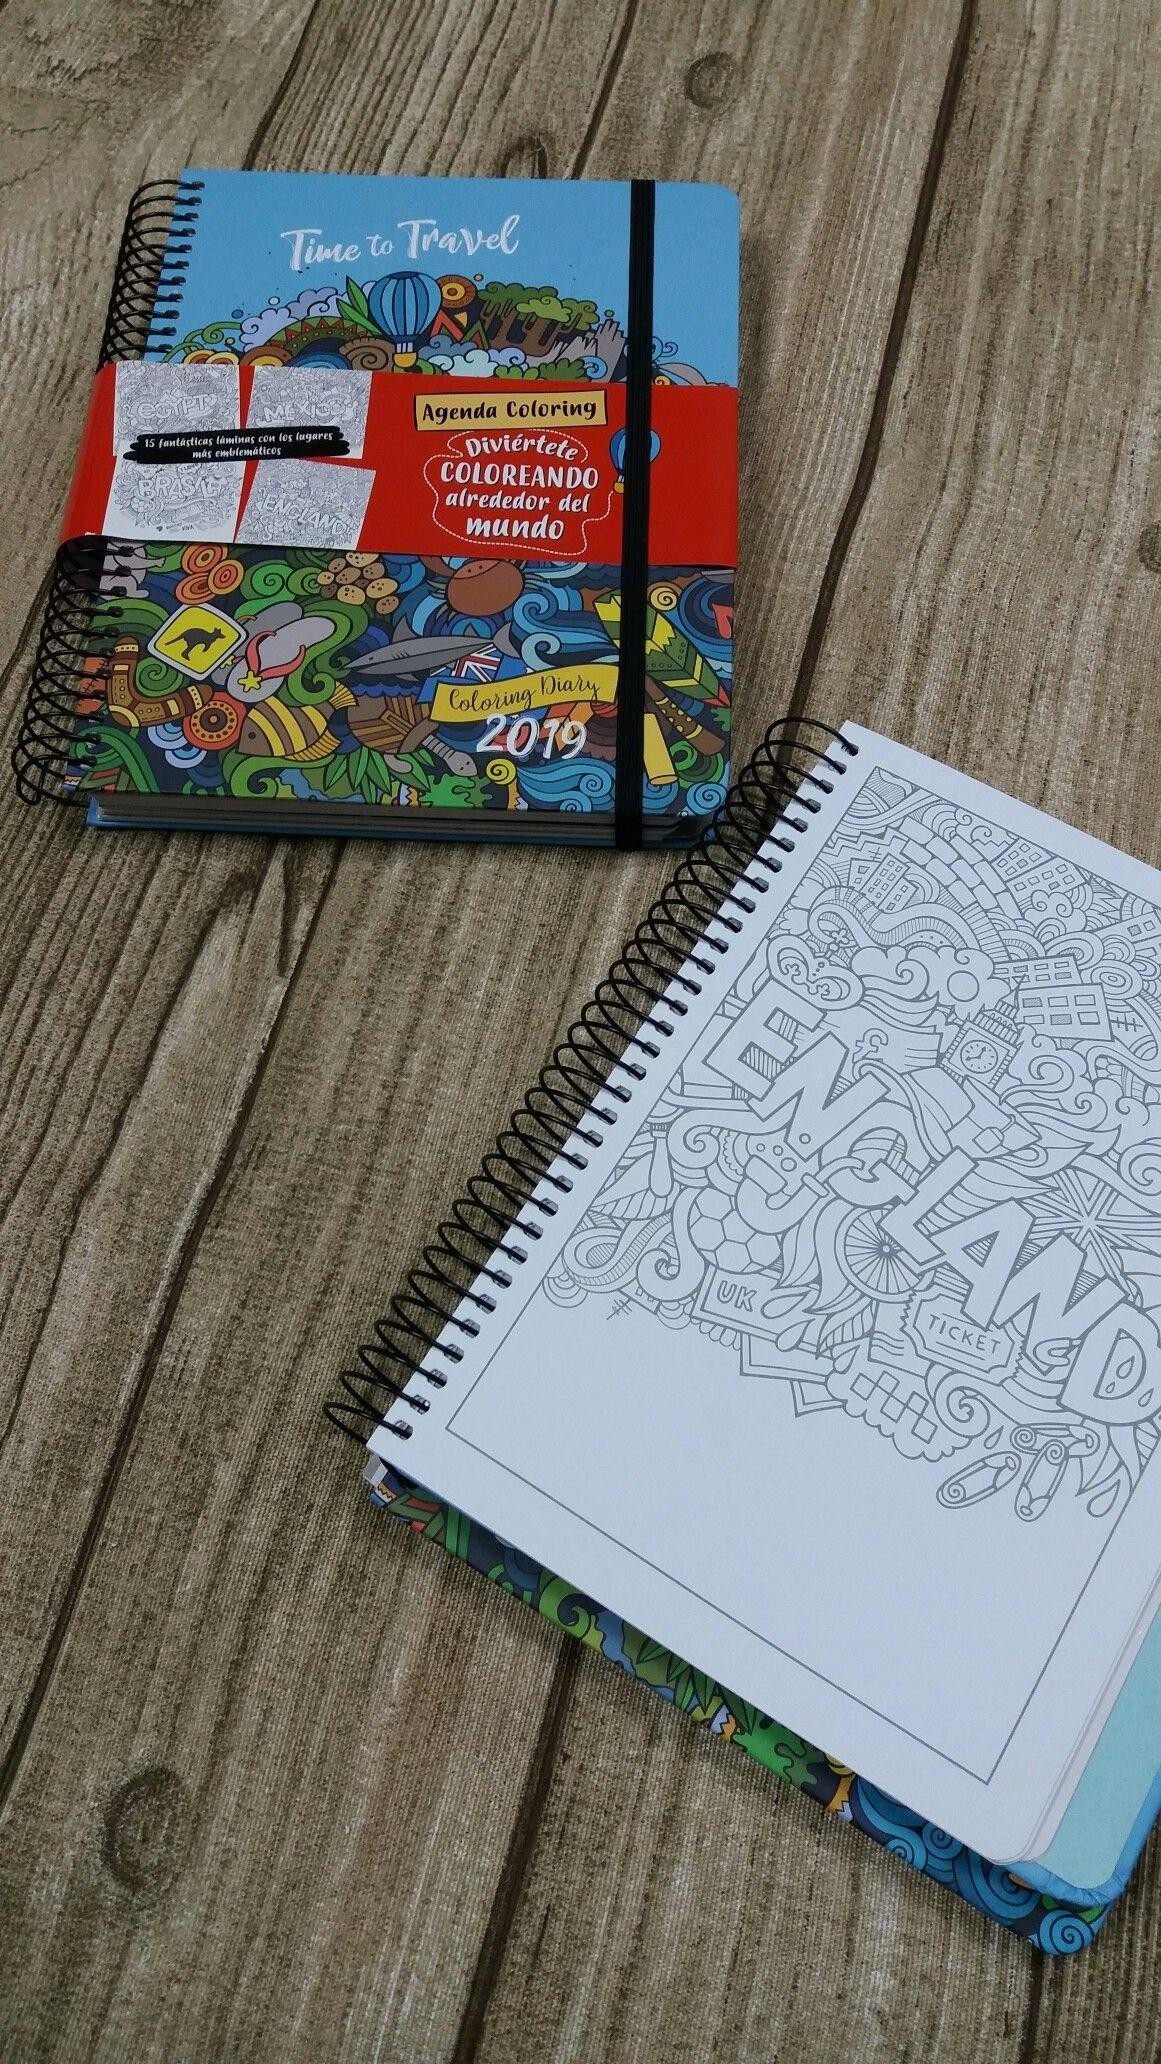 """dohe dohesa agendas2019 agendacitycoloring Hoy presentamos la agenda """"City Coloring"""""""